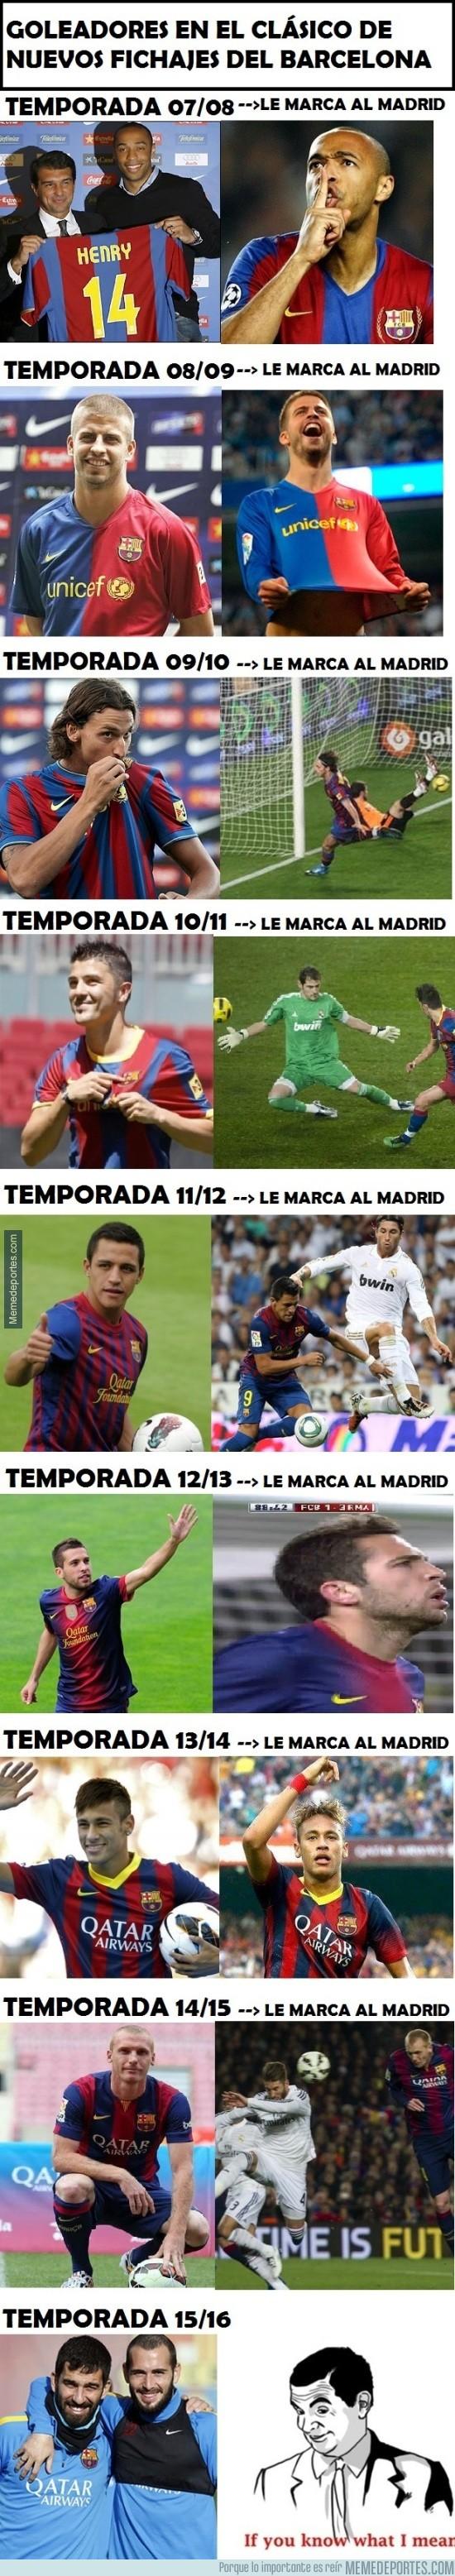 828976 - Cuando el Barça compra jugadores, al menos uno le marca al Madrid en la temporada